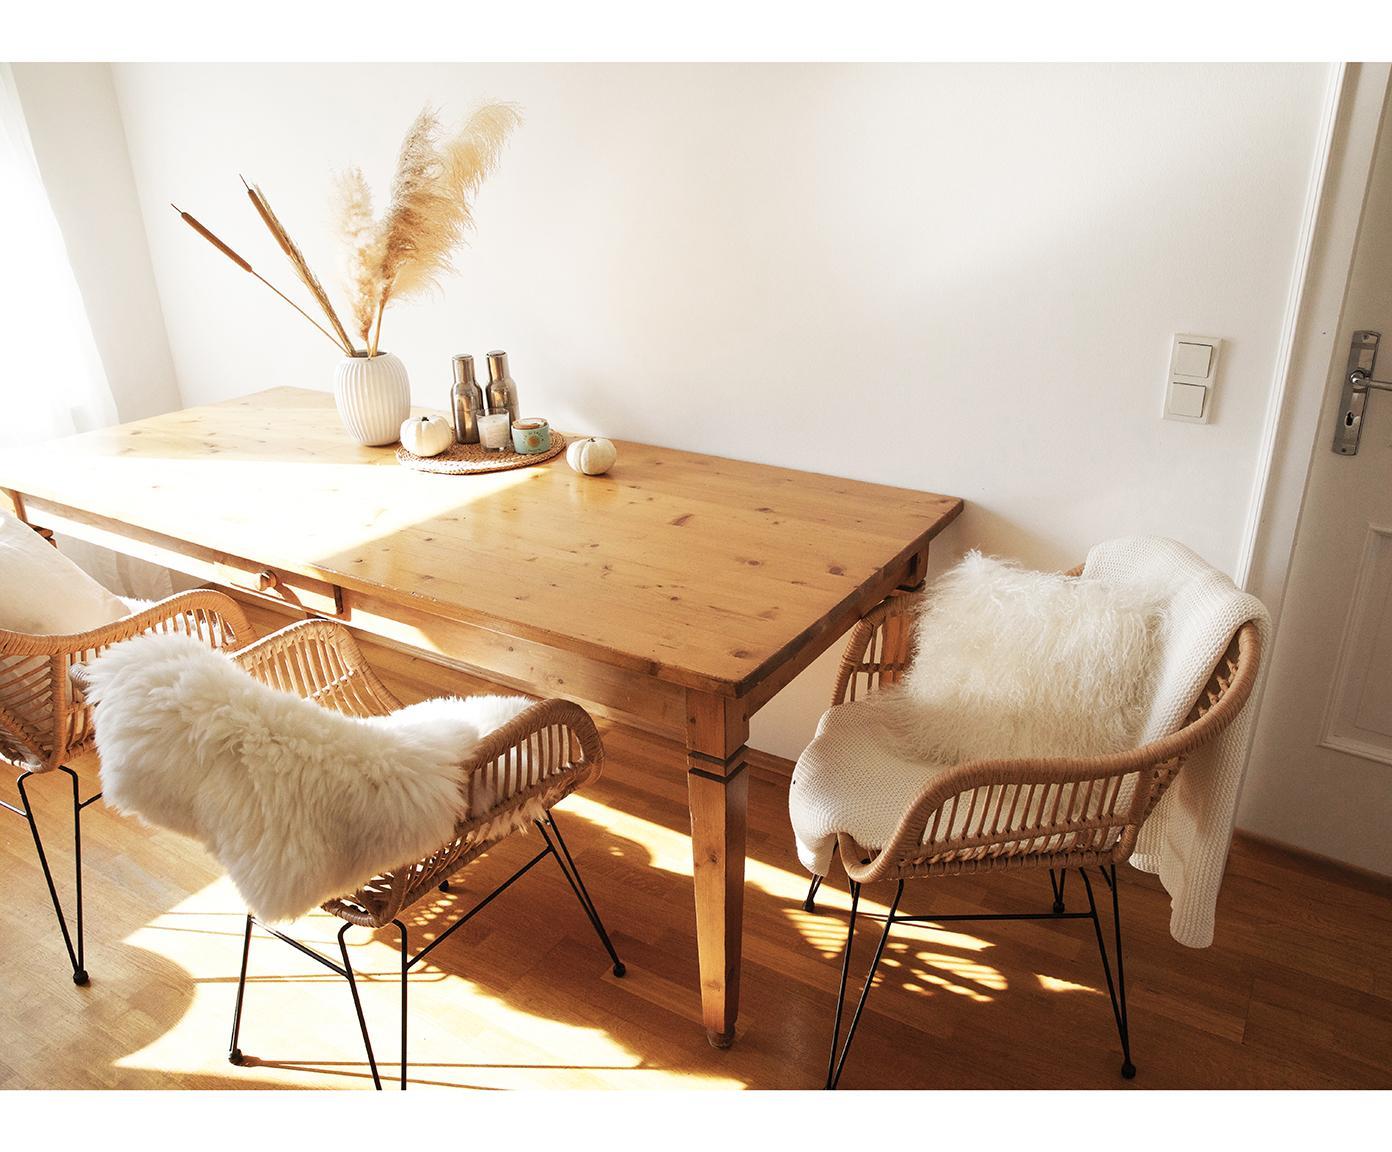 Krzesło z podłokietnikami z polirattanu Costa, 2 szt., Stelaż: metal malowany proszkowo, Jasny brązowy, nogi: czarny, S 60 x G 58 cm